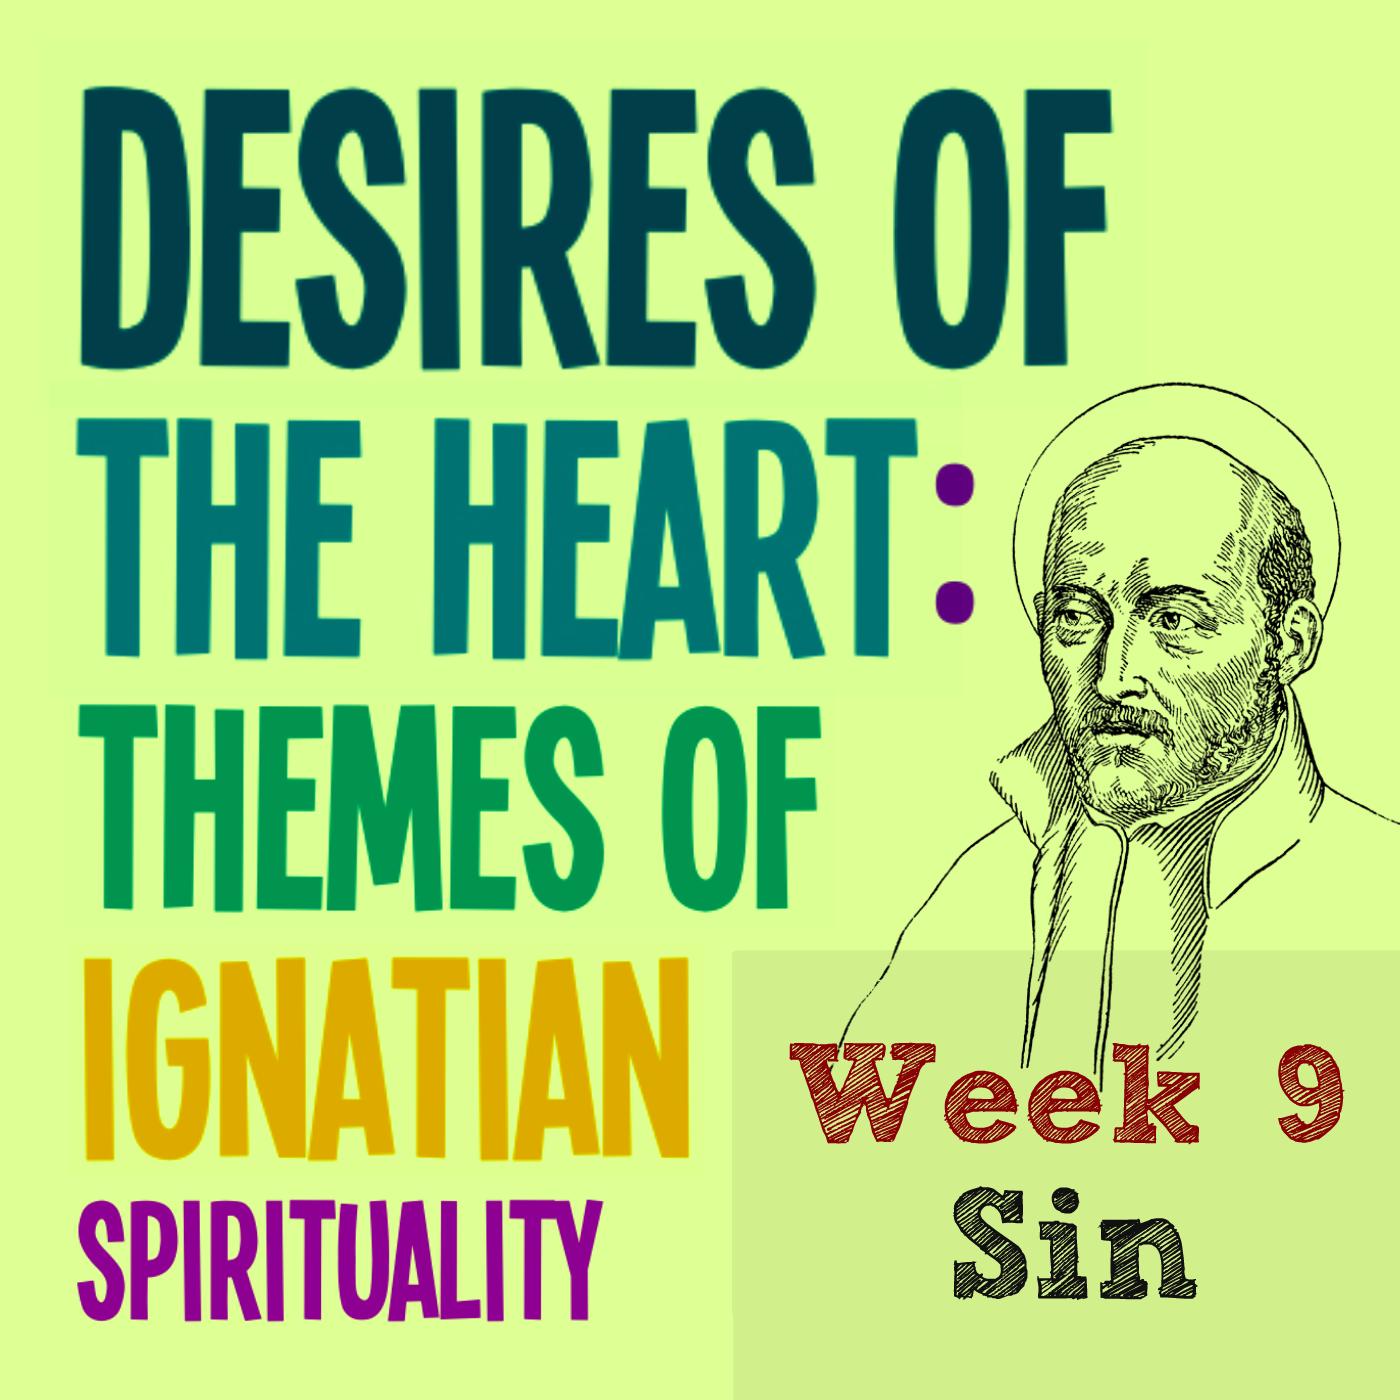 Sin – Week 9